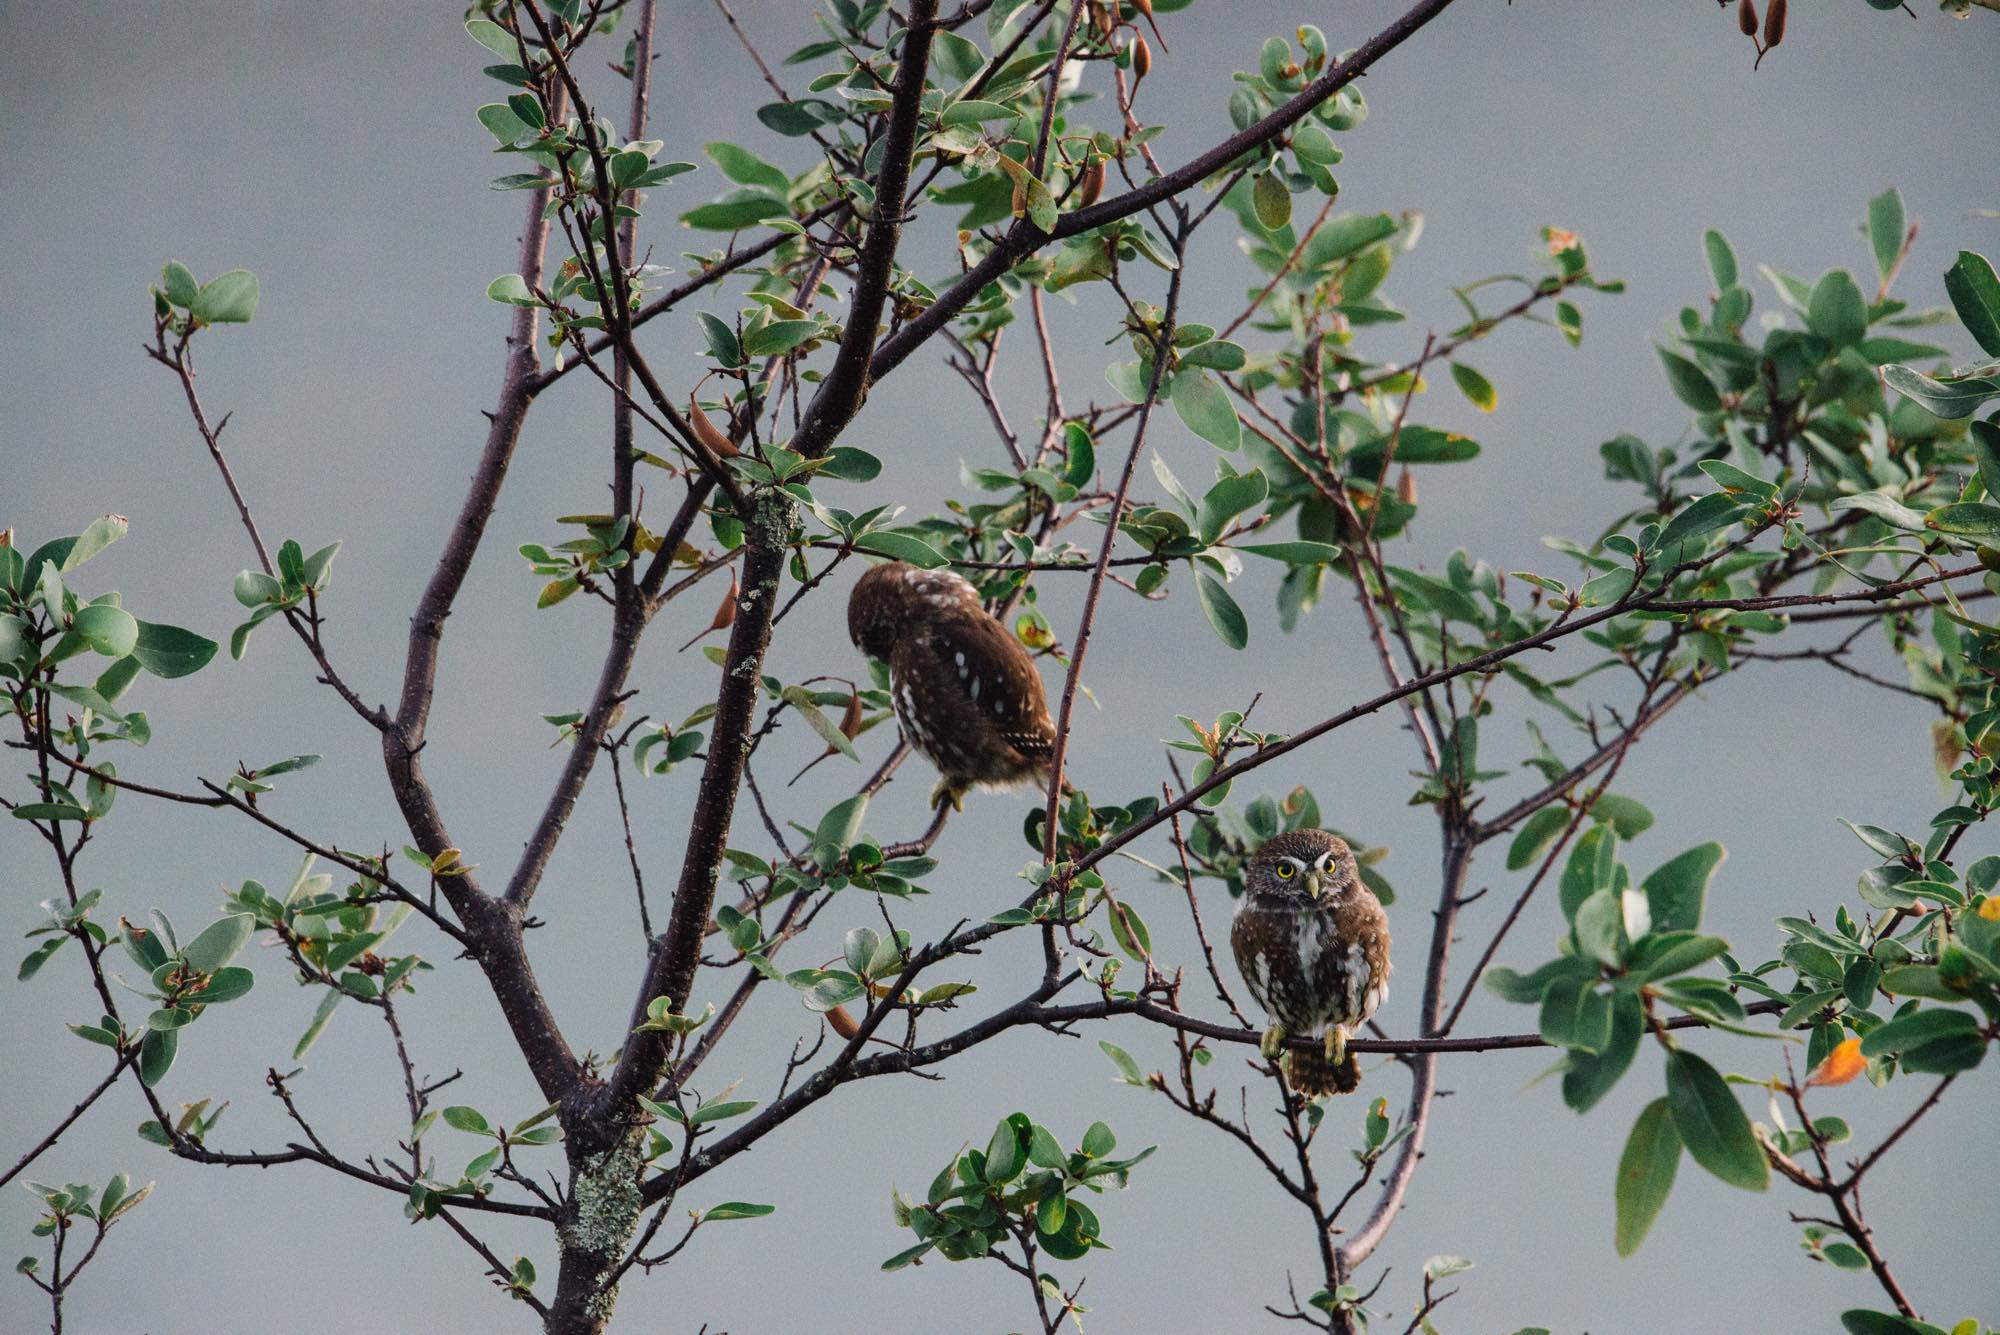 幸運にも、パタゴニア地方に生息するフクロウに出会いました。世界最小らしく、手のひらサイズで本当にかわいい。